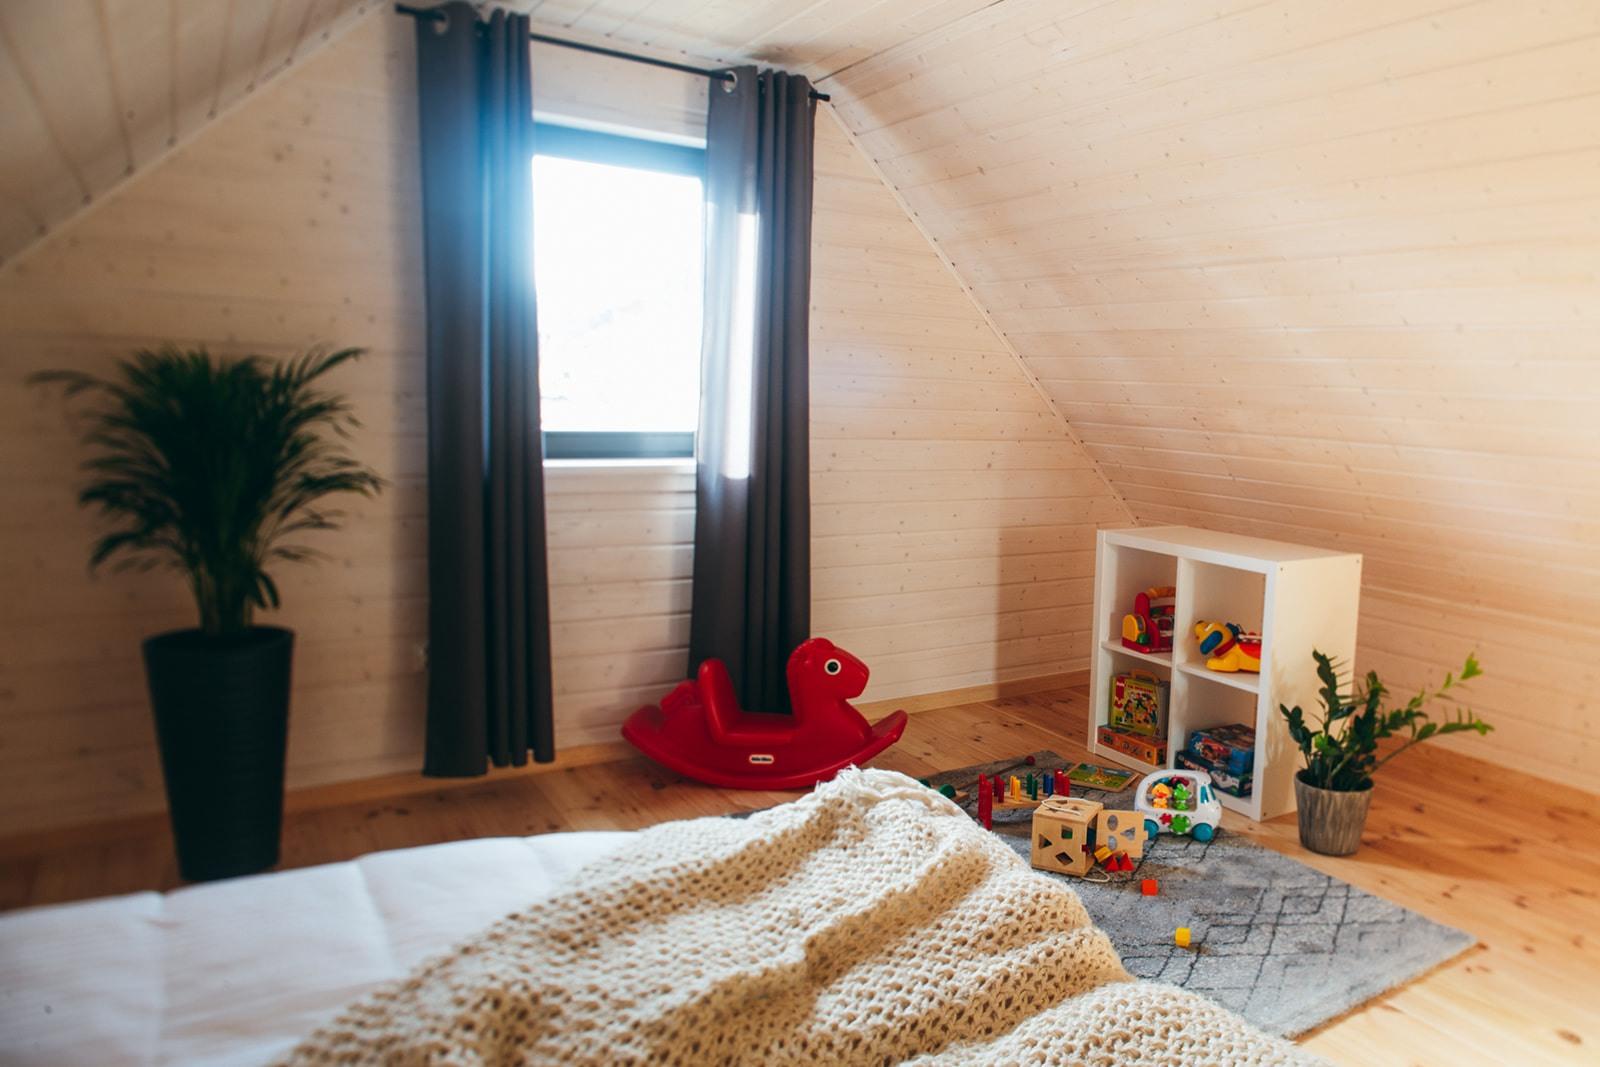 Domki nad Jeziorem Żywieckim, wnętrze sypialnia duża, duża przestrzeń zabawowa